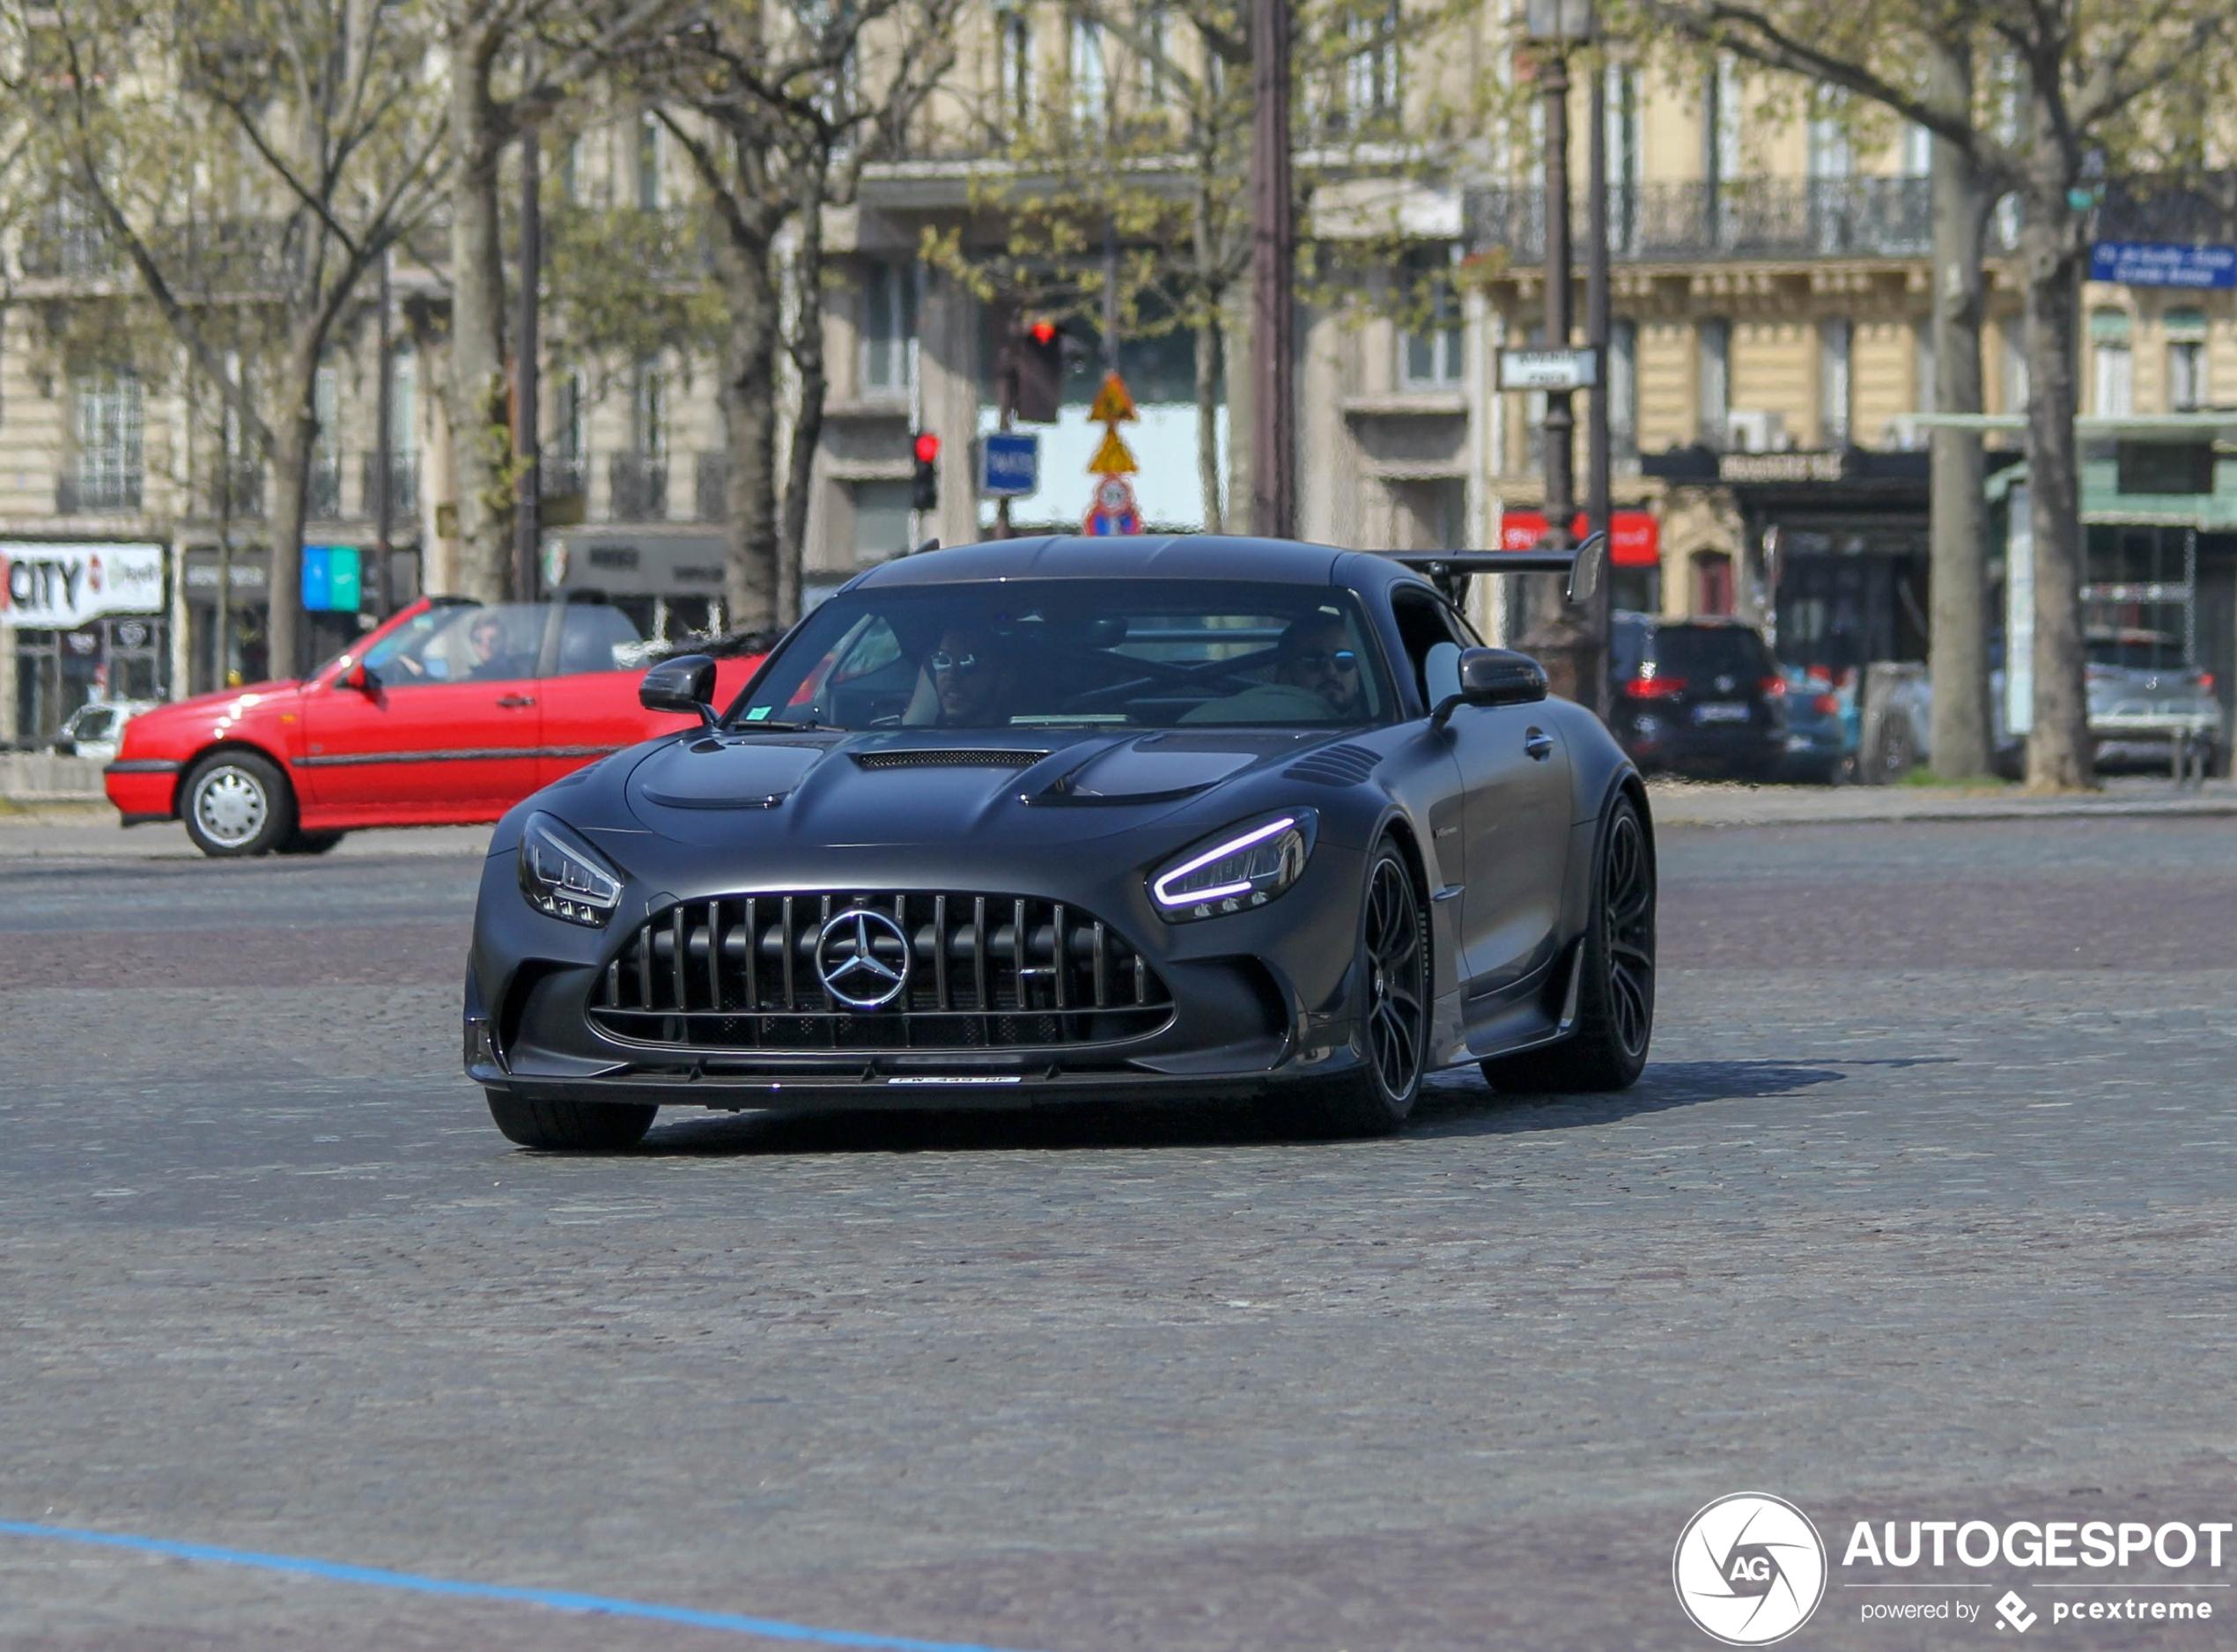 Mercedes-AMG GT Black Series doet ereronde over Avenue Foch